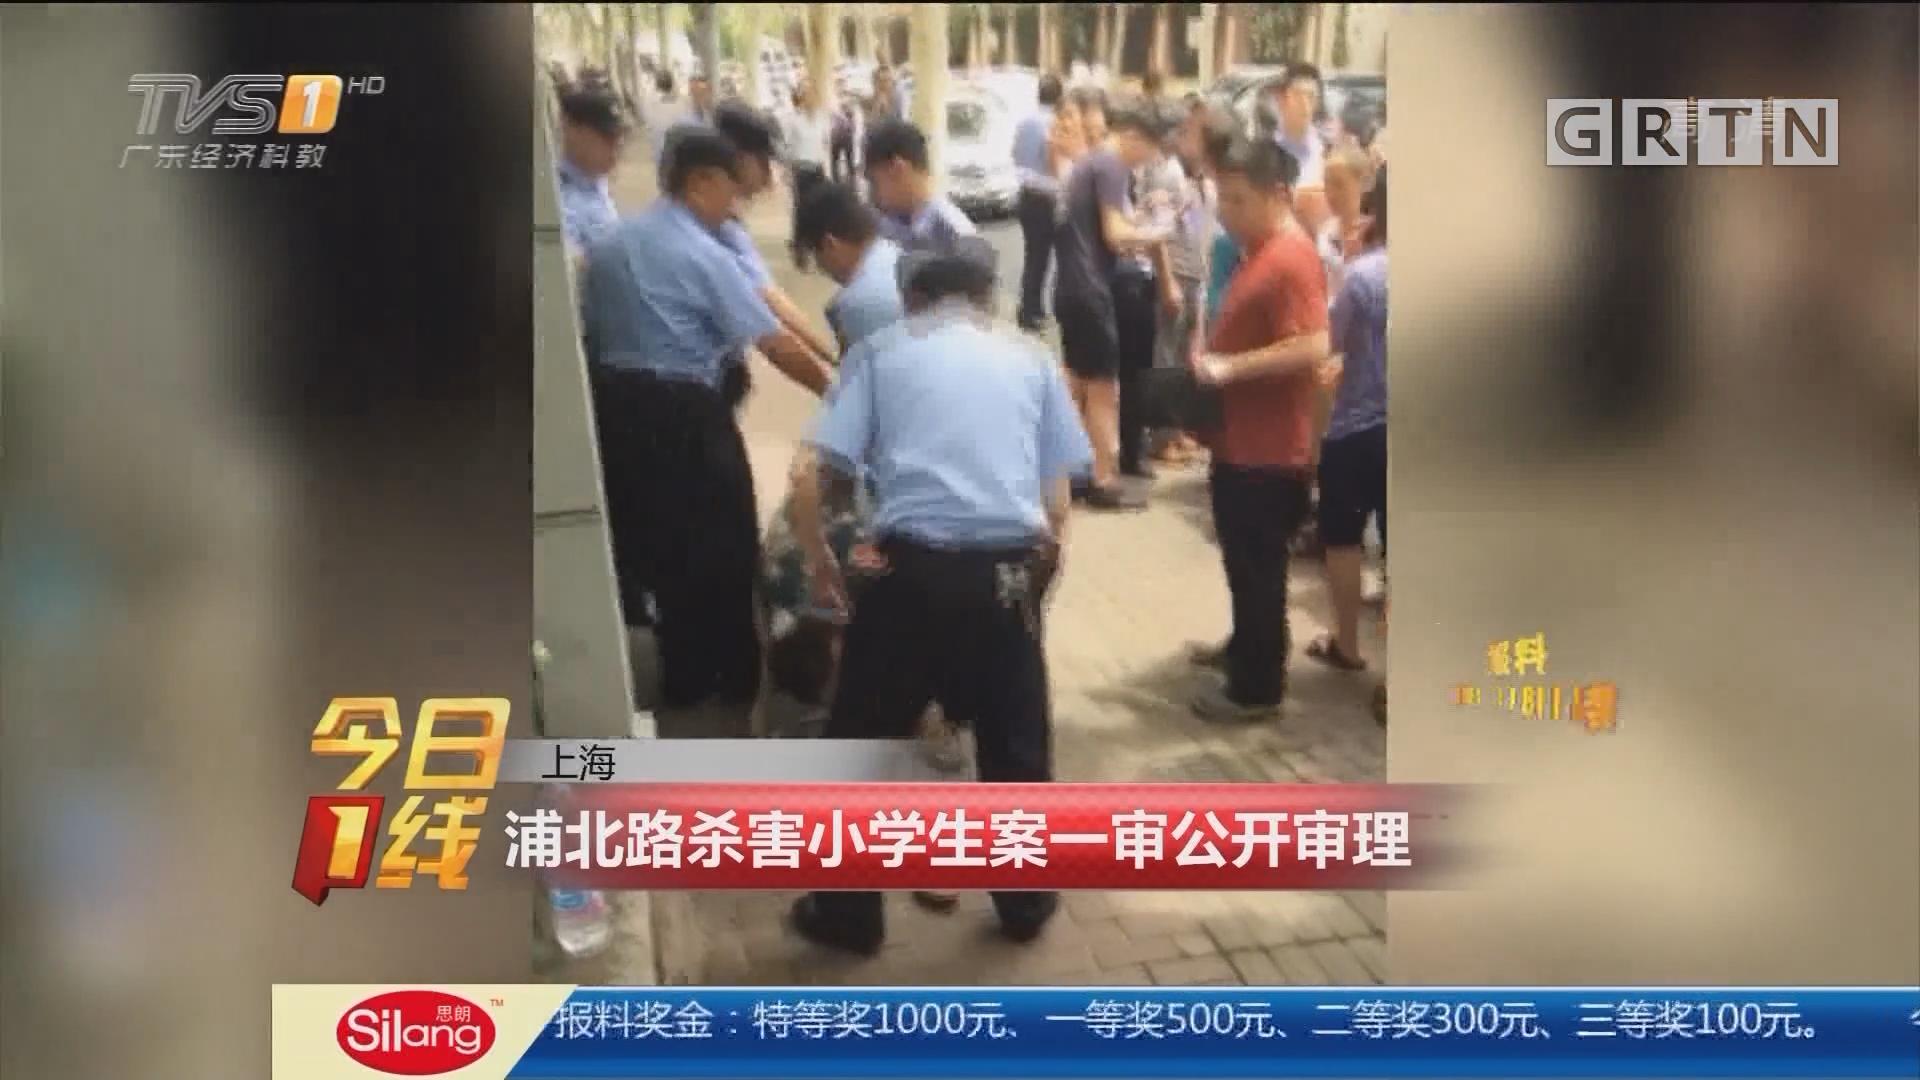 上海:浦北路杀害小学生案一审公开审理